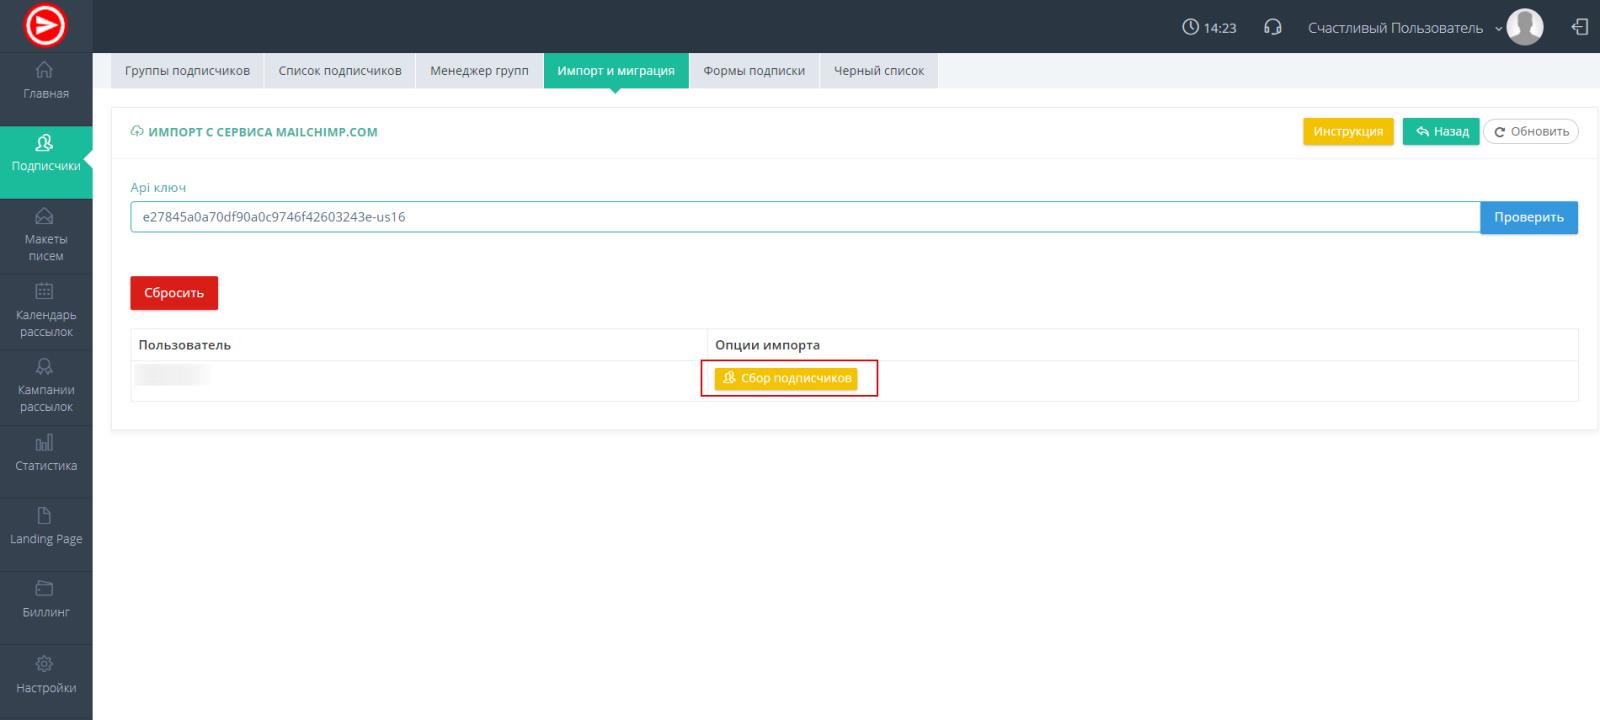 Процесс сбора подписчиков с mailchimp